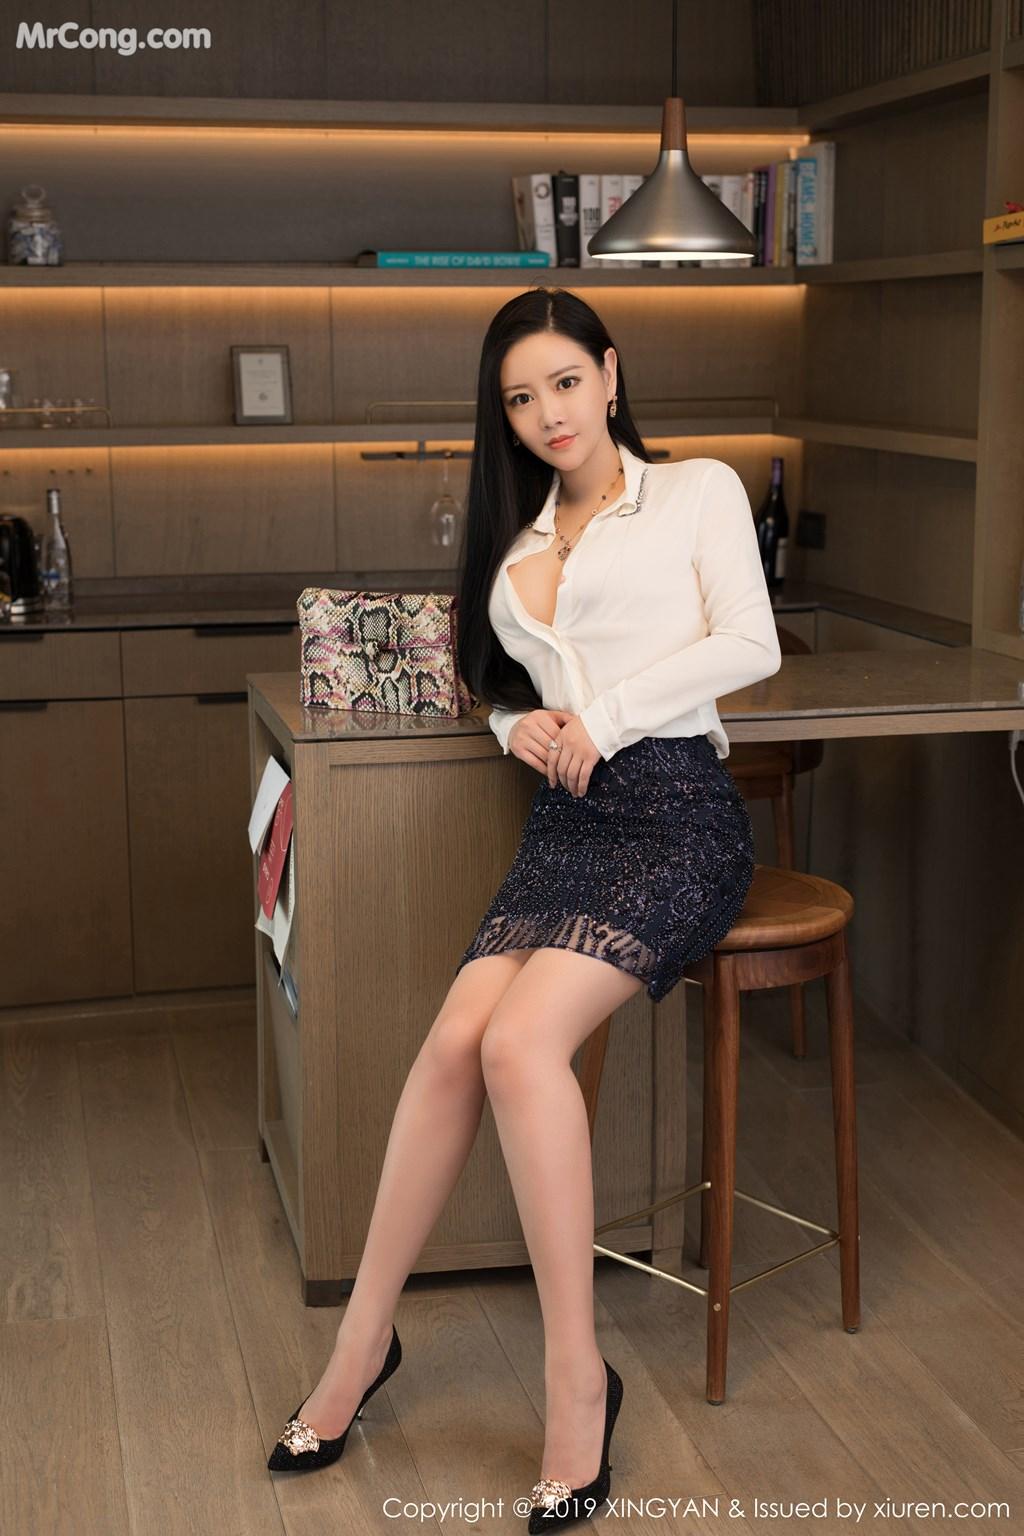 Image XingYan-Vol.115-Wang-Wan-You-Queen-MrCong.com-008 in post XingYan Vol.115: Wang Wan You (王婉悠Queen) (42 ảnh)